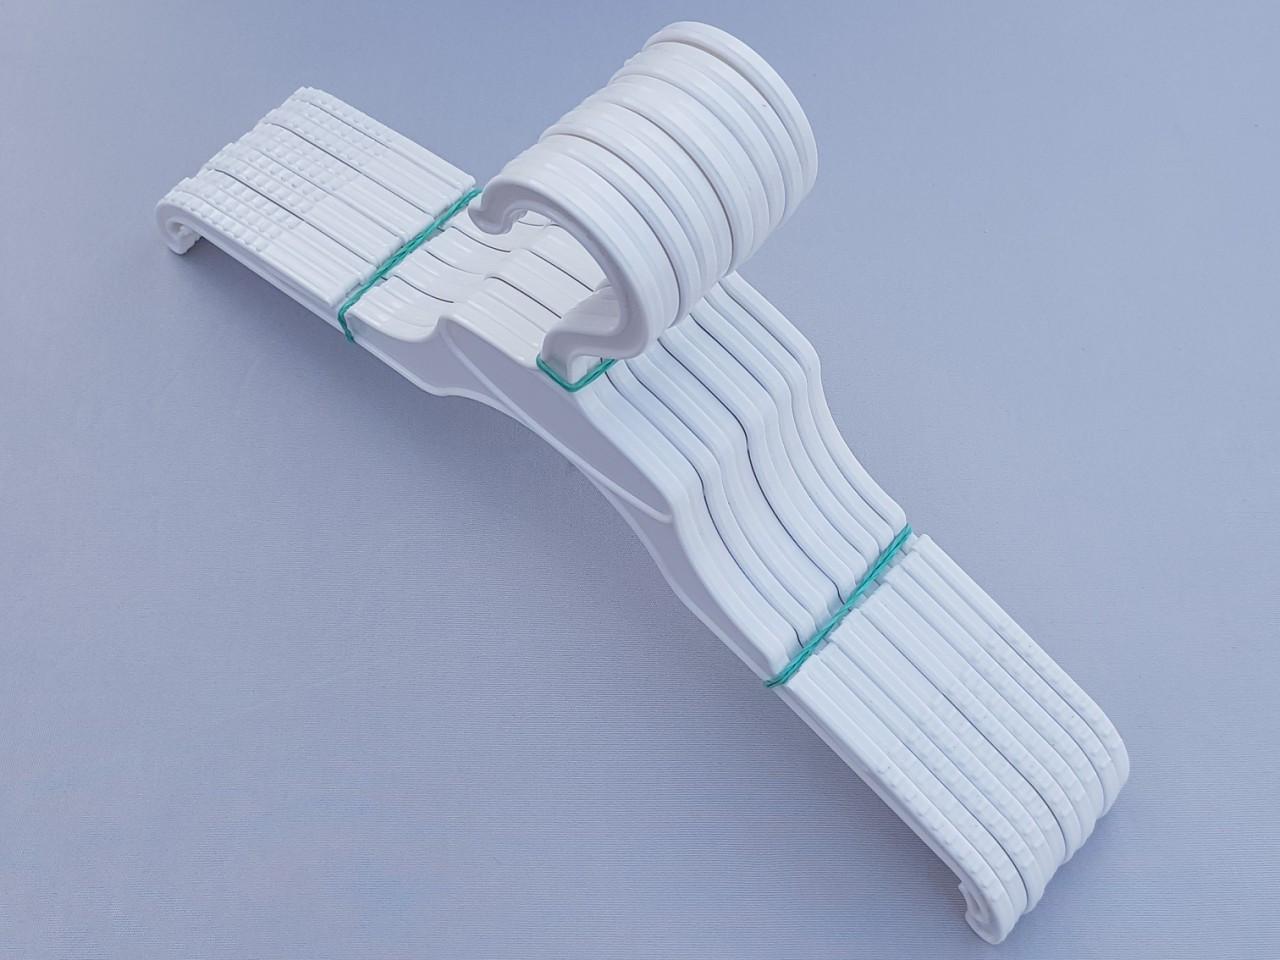 Довжина 33 см. Плічка дитячі пластмасові V-V33 білого кольору, 10 штук в упаковці